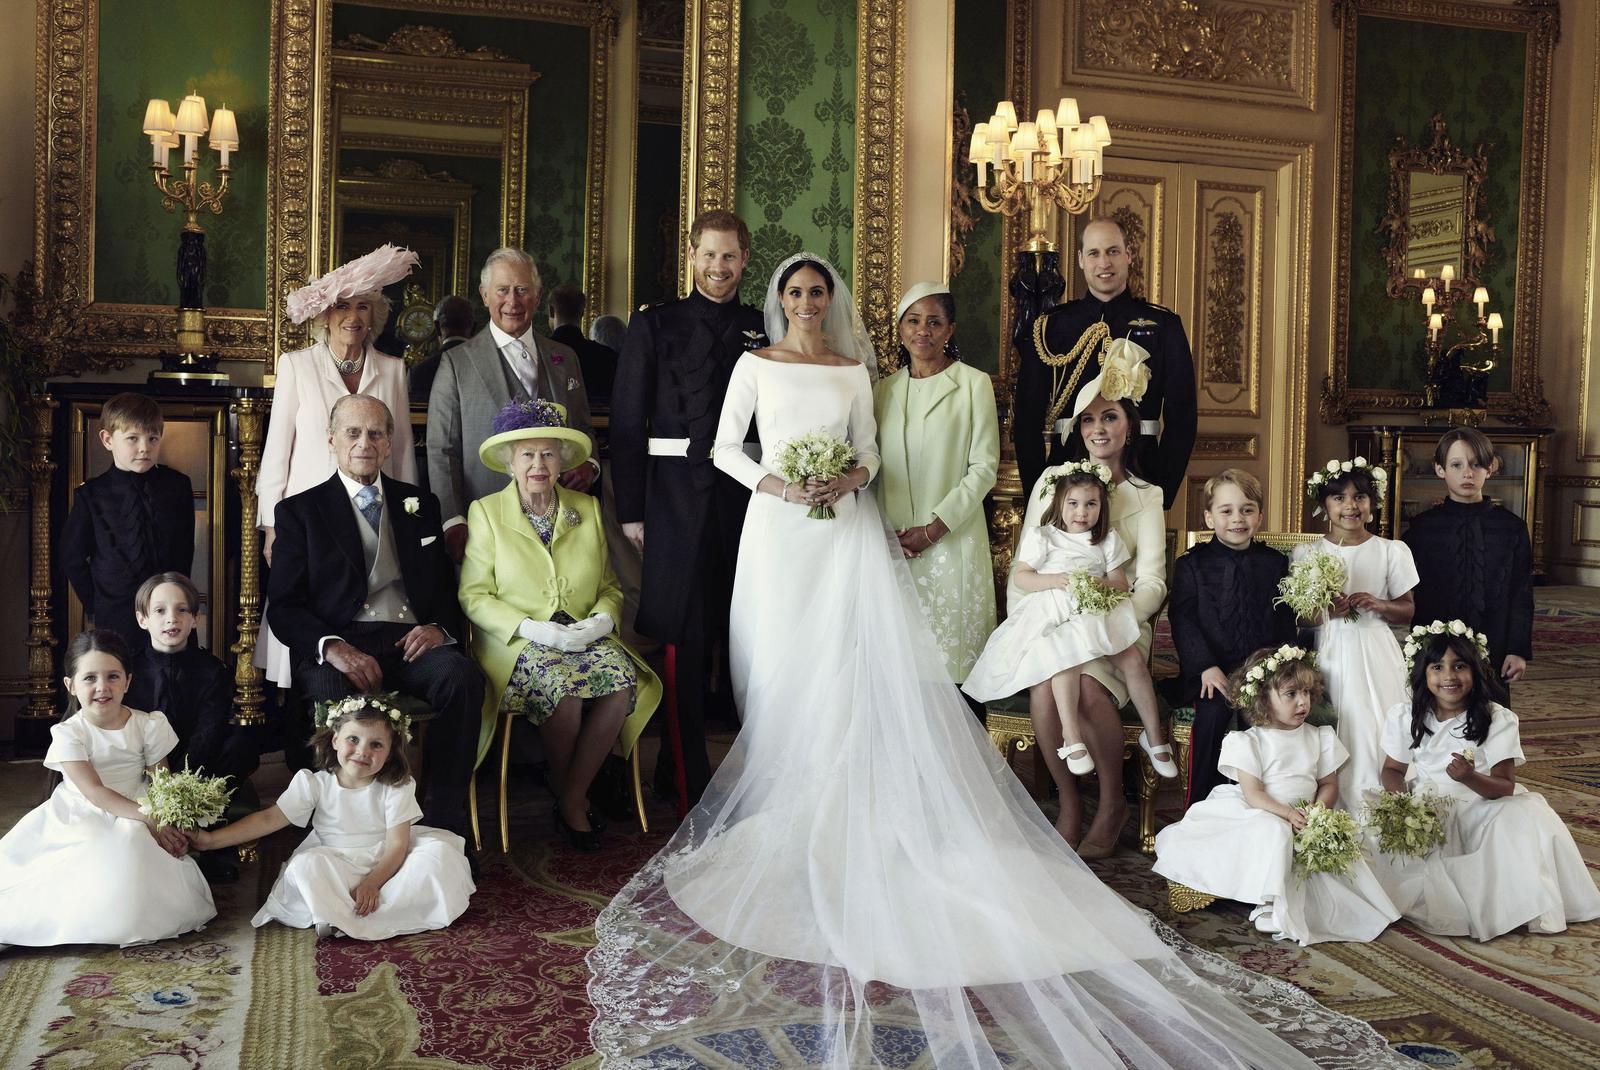 Kráľovská svadba Meghan a Harryho - Obrázok č. 105